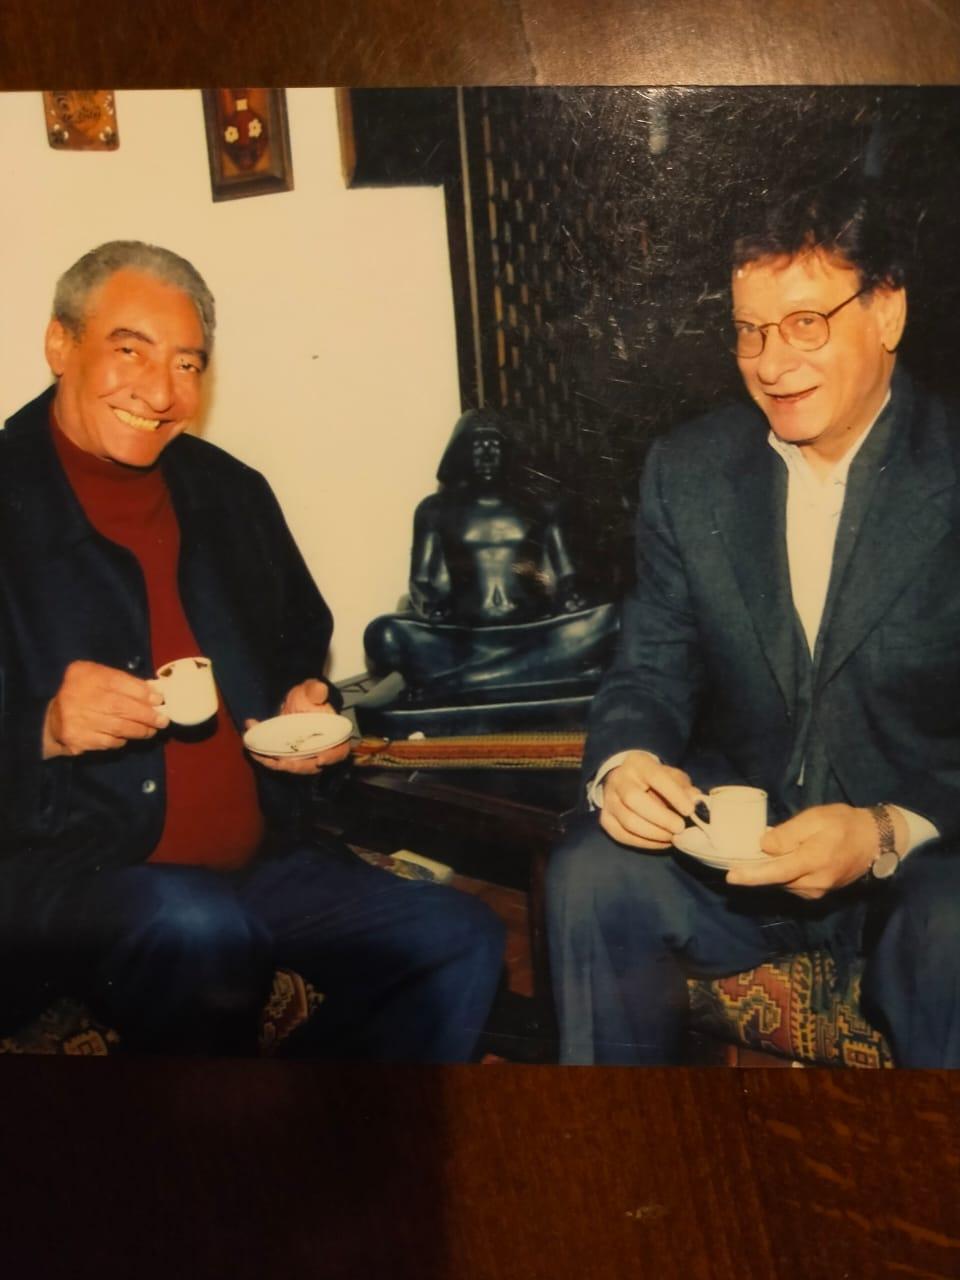 الخال مع صديقه الشاعر محمود درويش